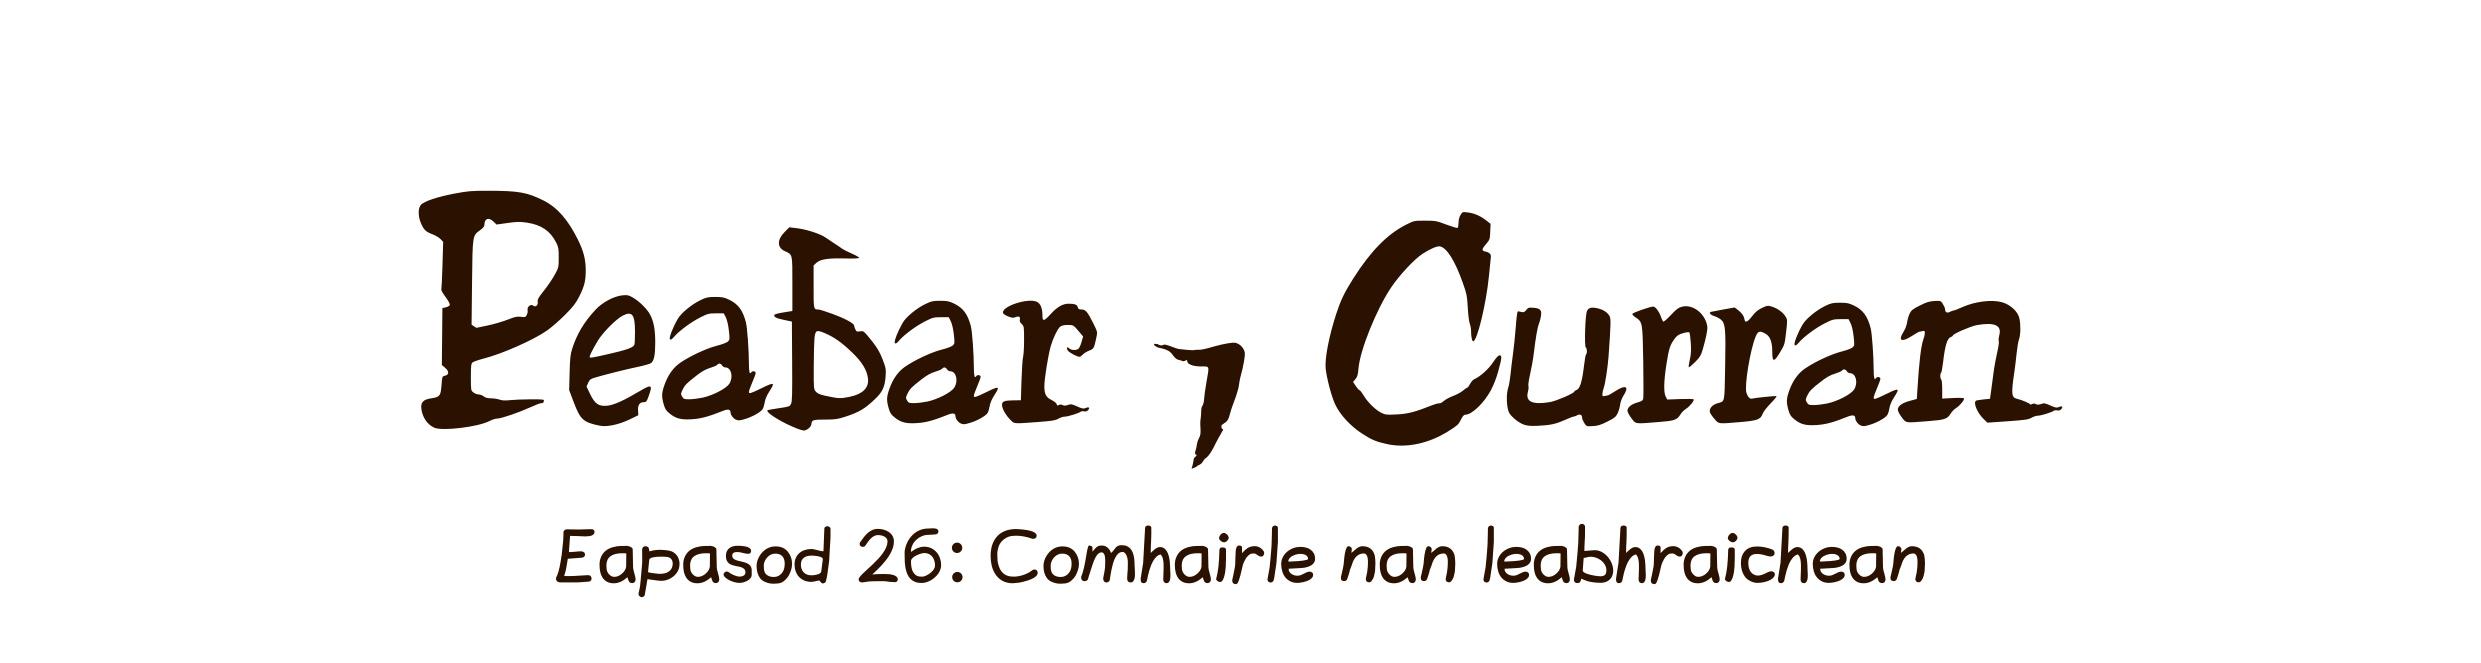 Eapasod 26: Comhairle nan leabhraichean